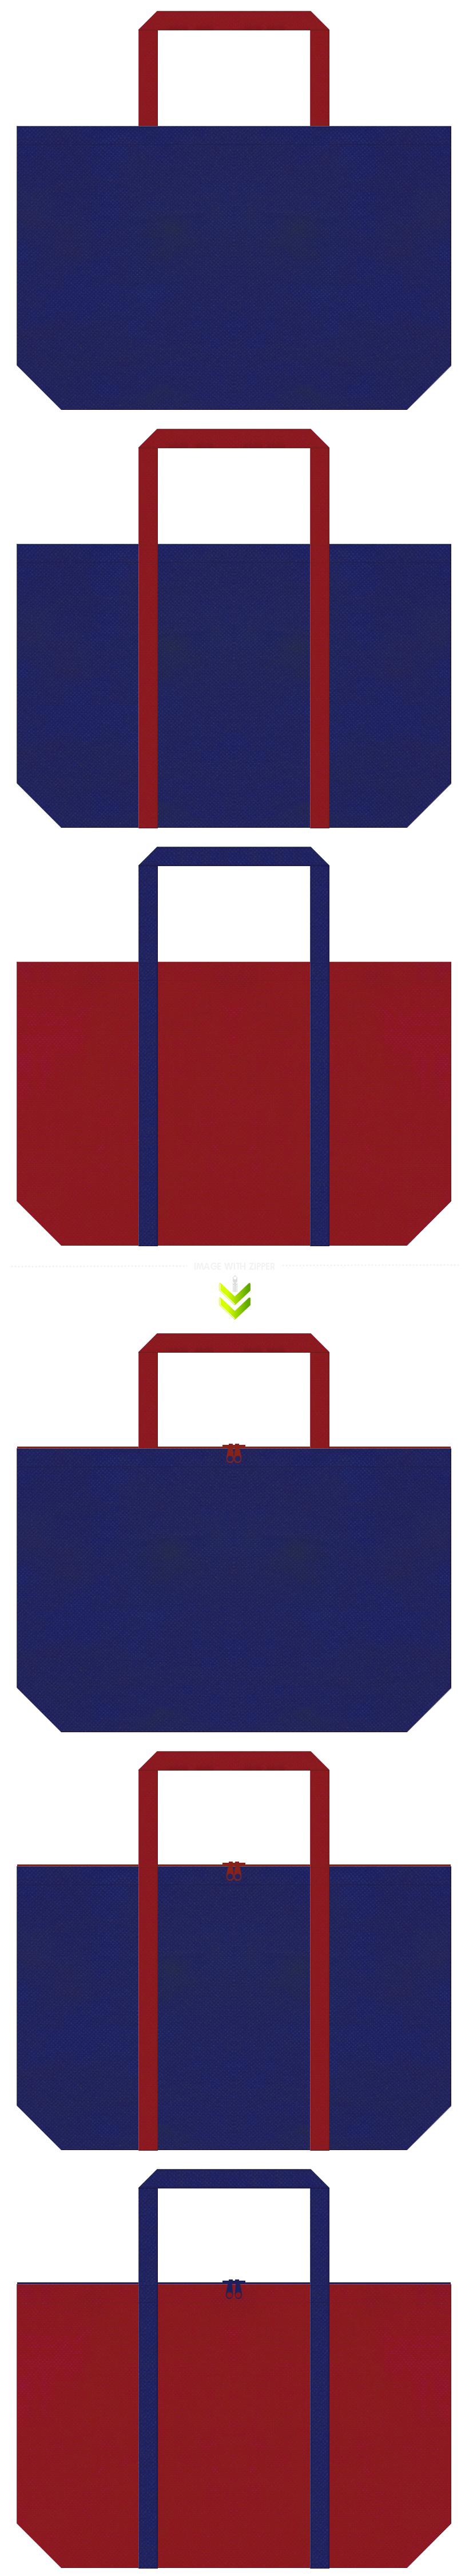 明るい紺色とエンジ色の不織布エコバッグのデザイン。